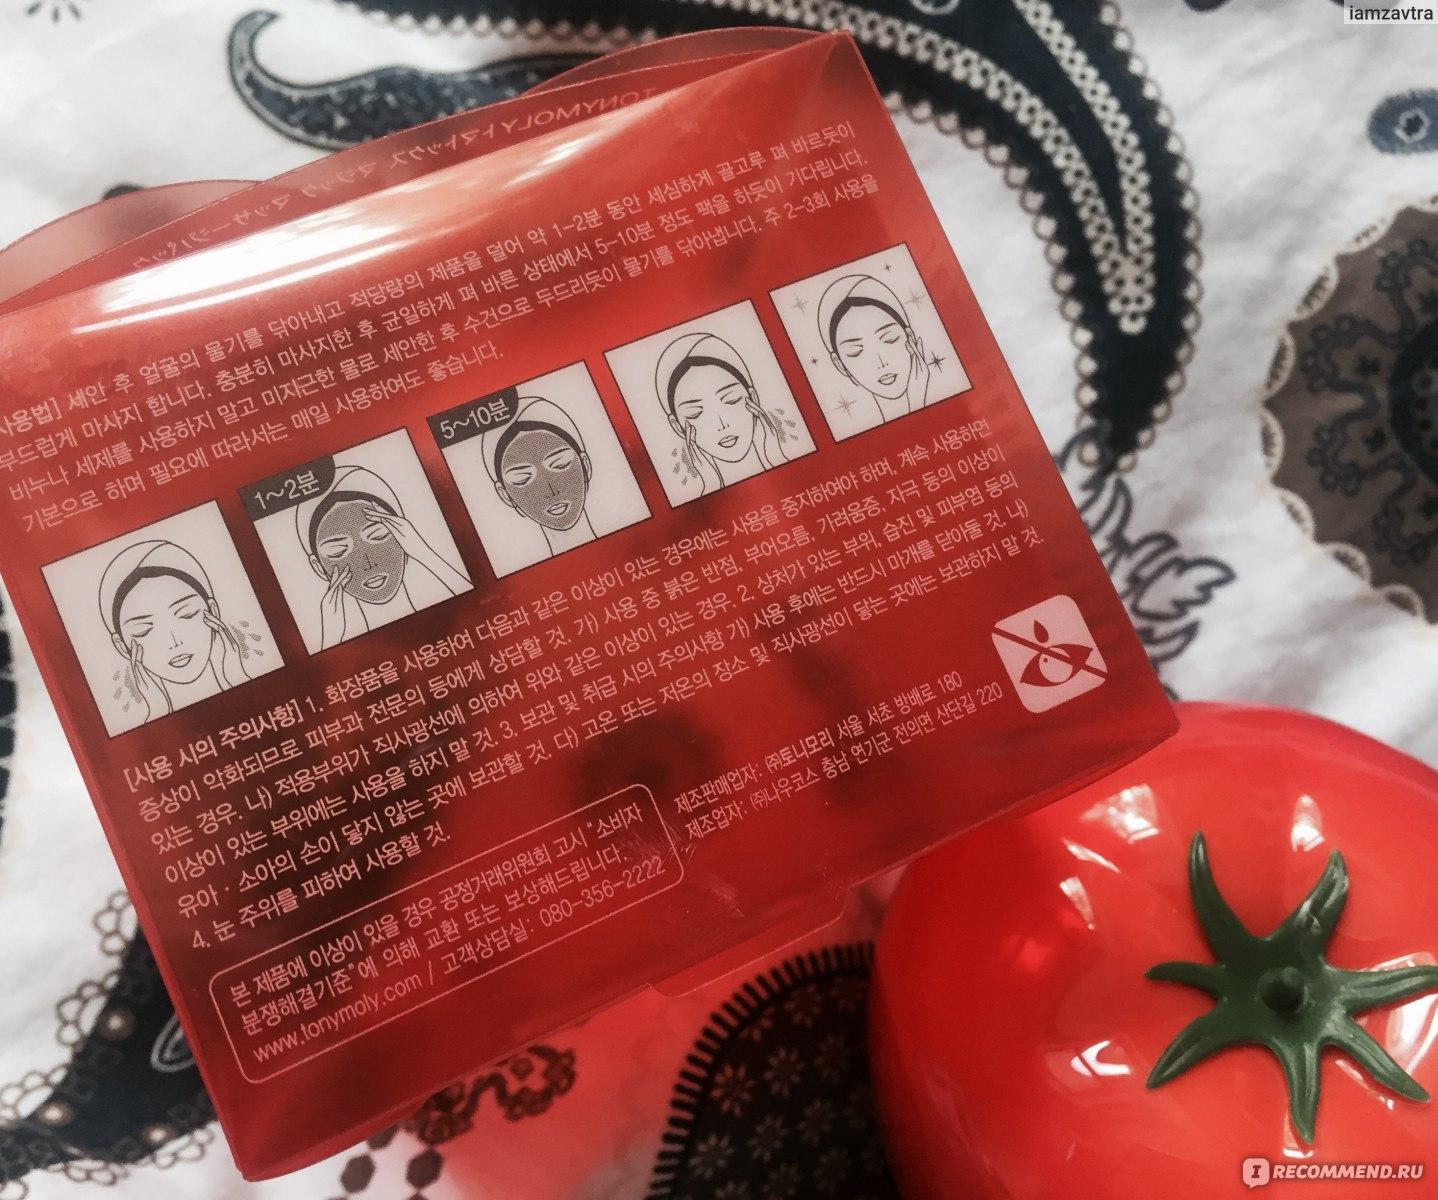 Корейская косметика tony moly купить оптом набор косметики для визажистов купить